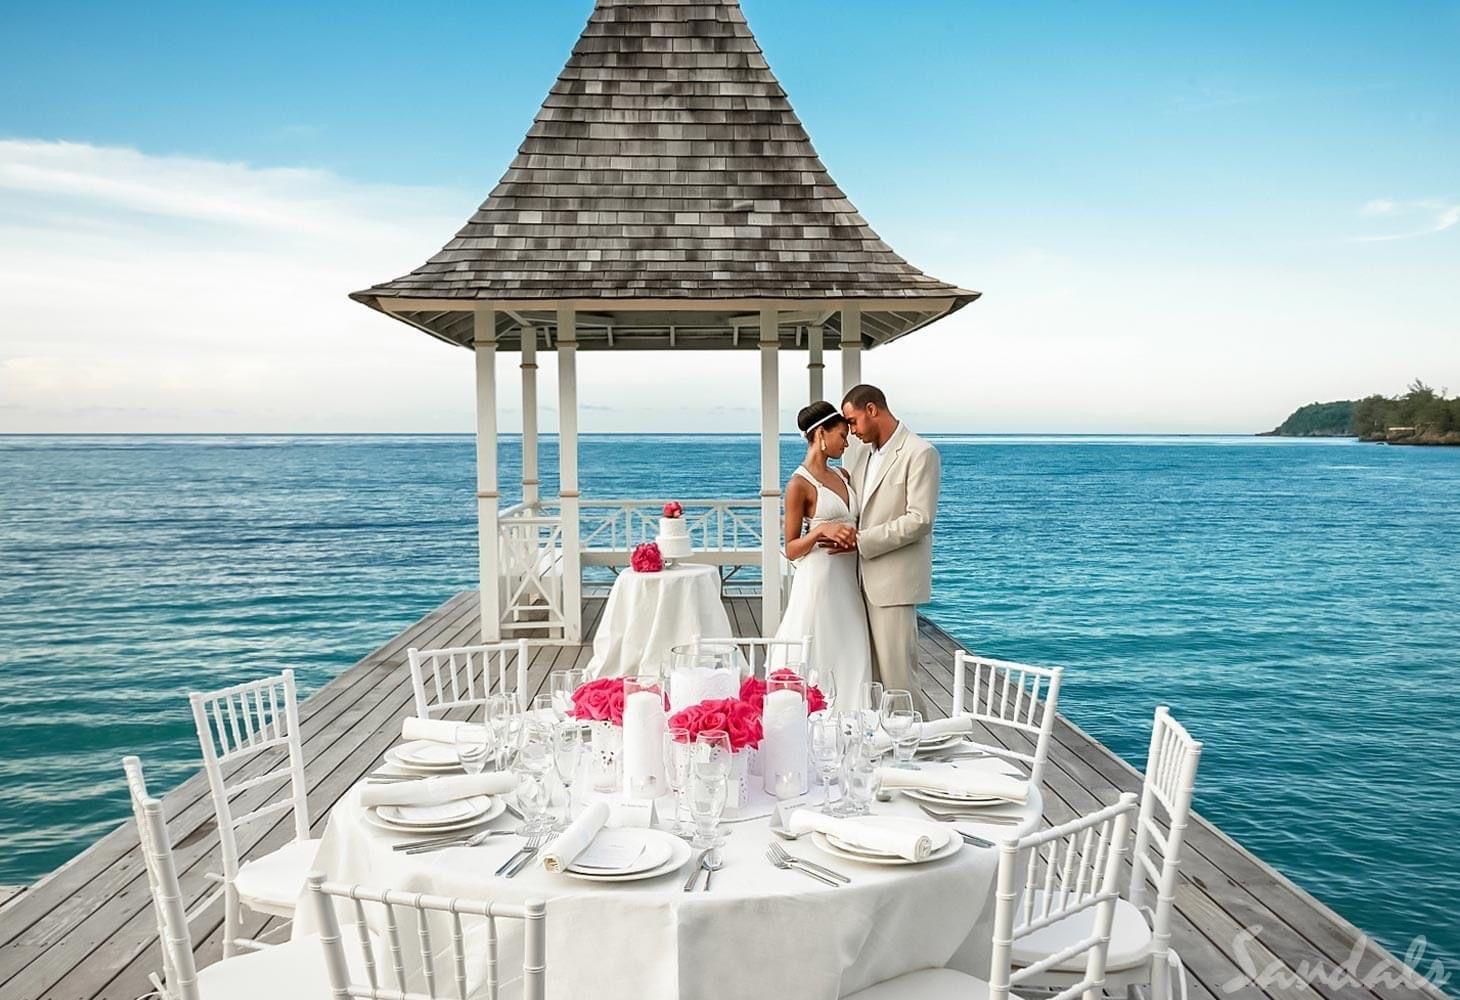 Sandals Resort Wedding In 2020 Destination Wedding Caribbean Destination Wedding Locations Destination Wedding Package